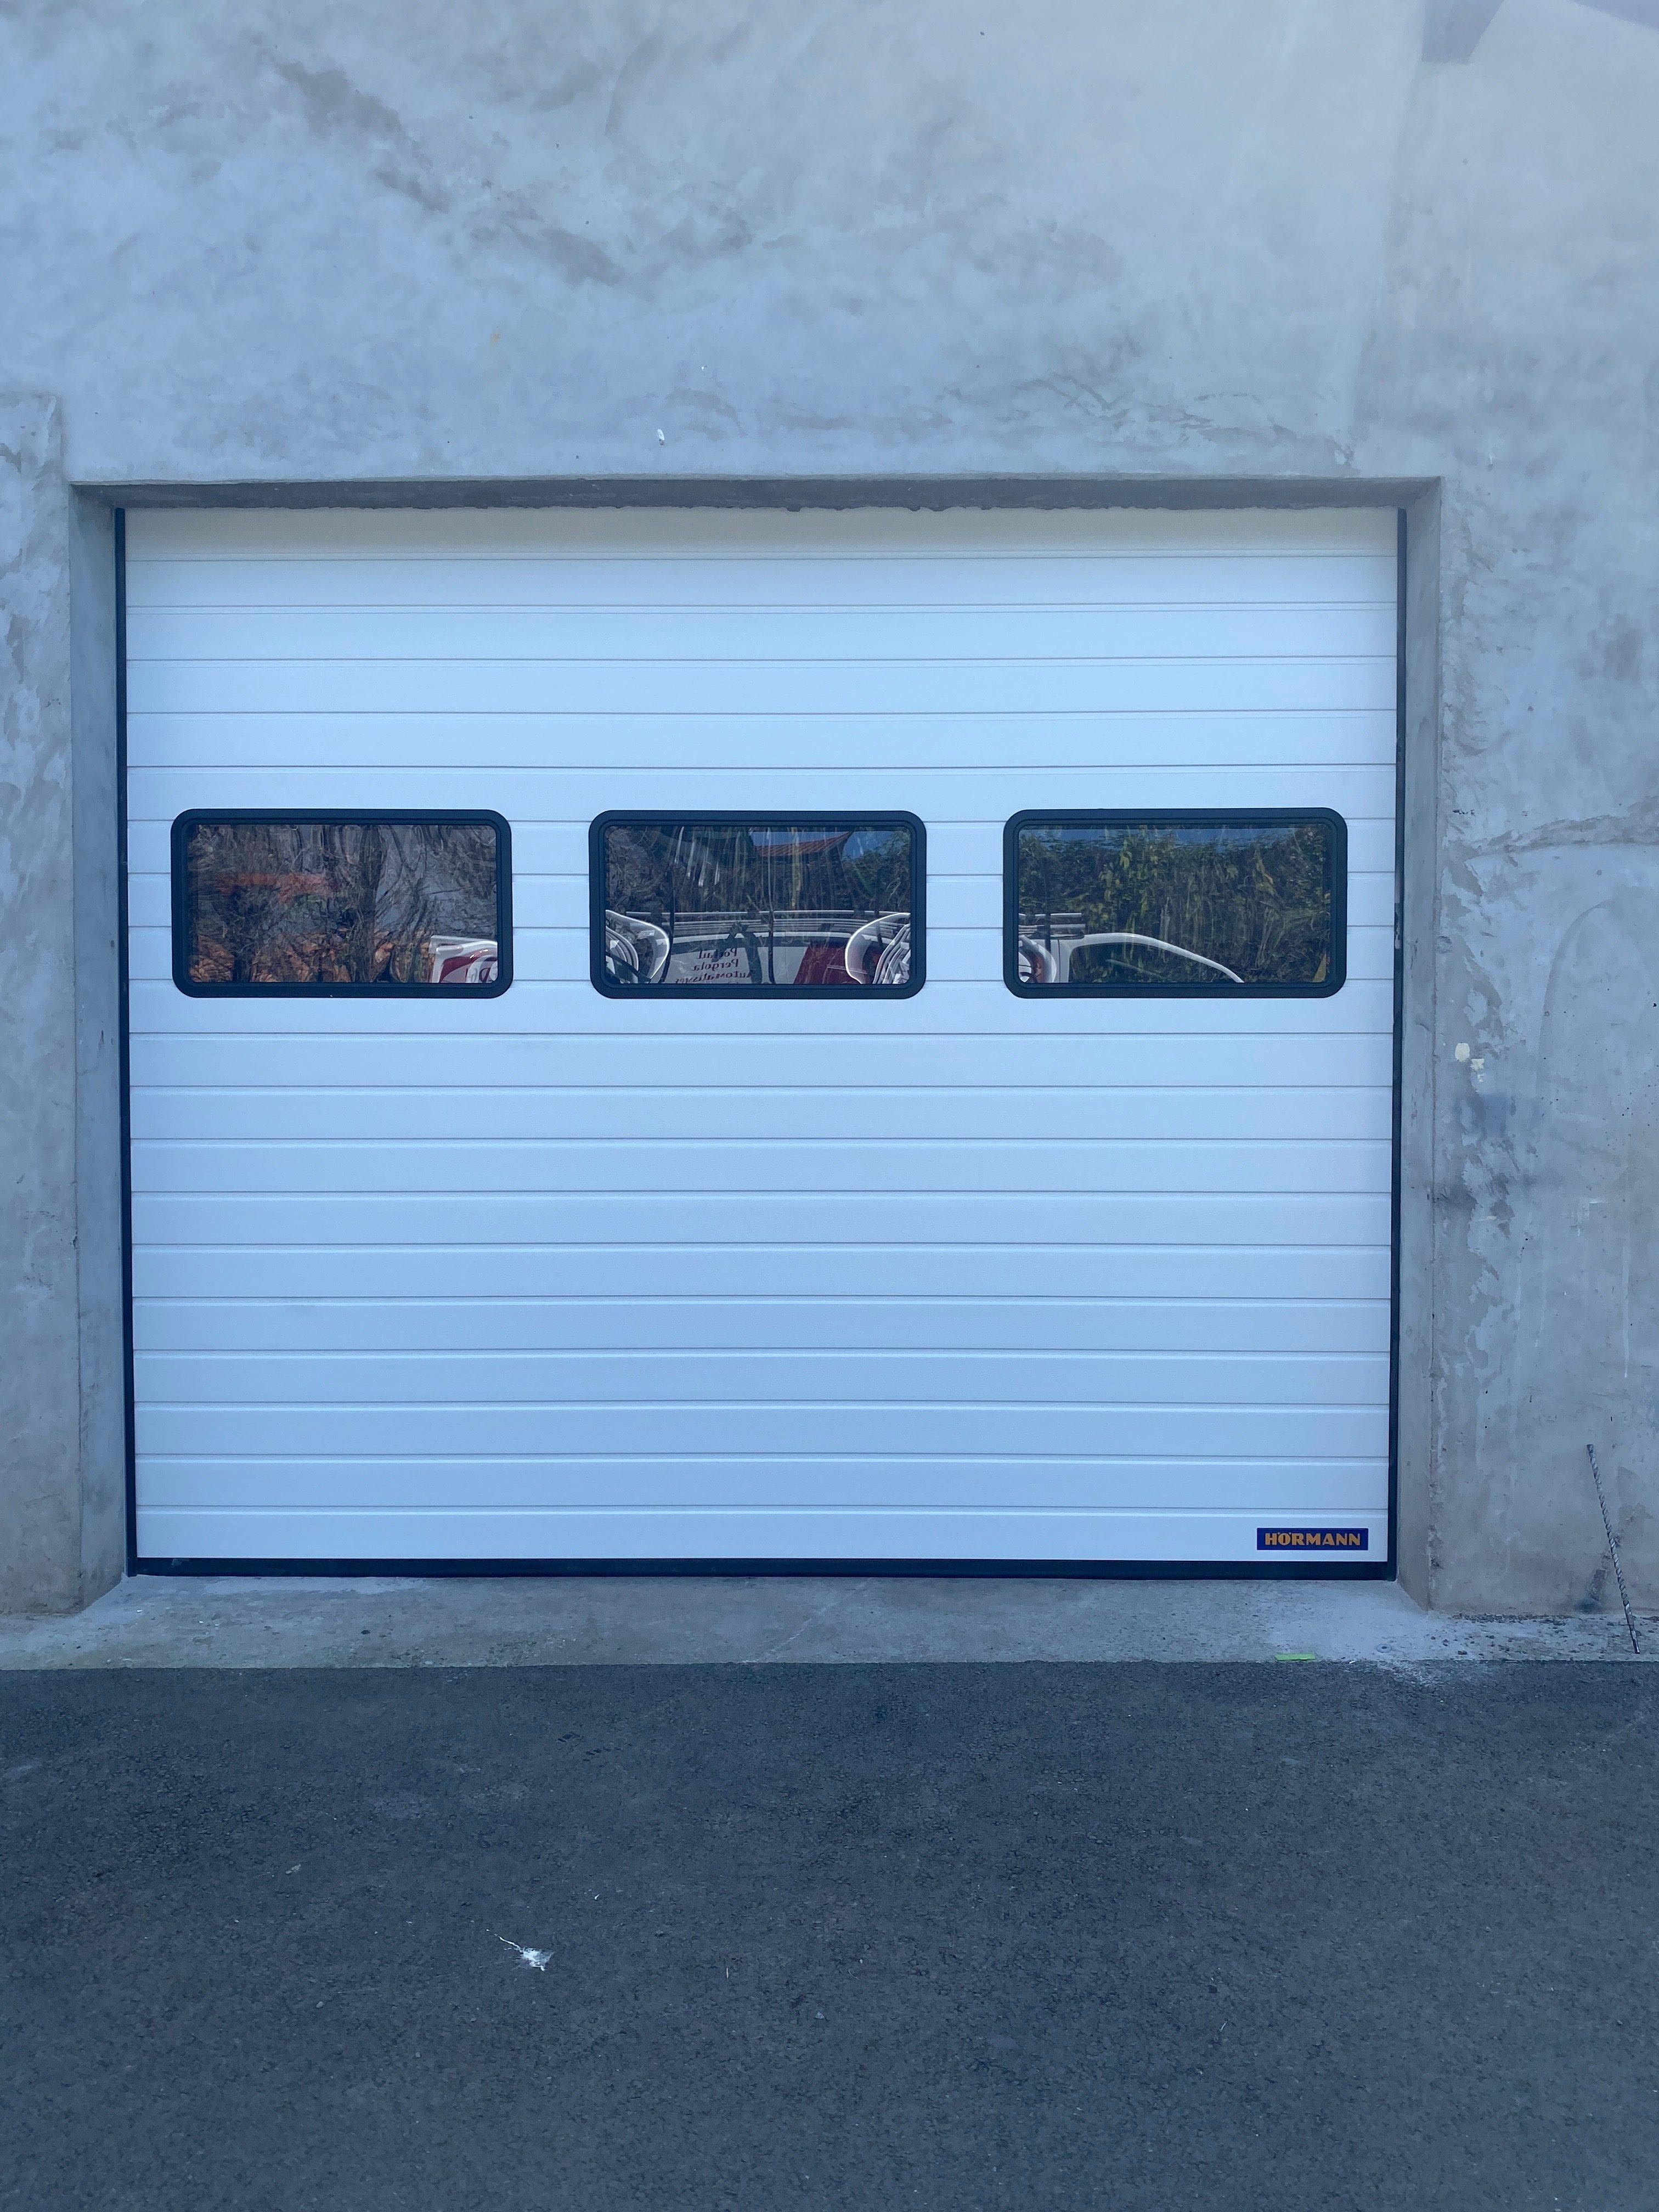 Porte sectionnelle industrielle HORMANN installé par votre artisan AED64 au coeur du Pays basque